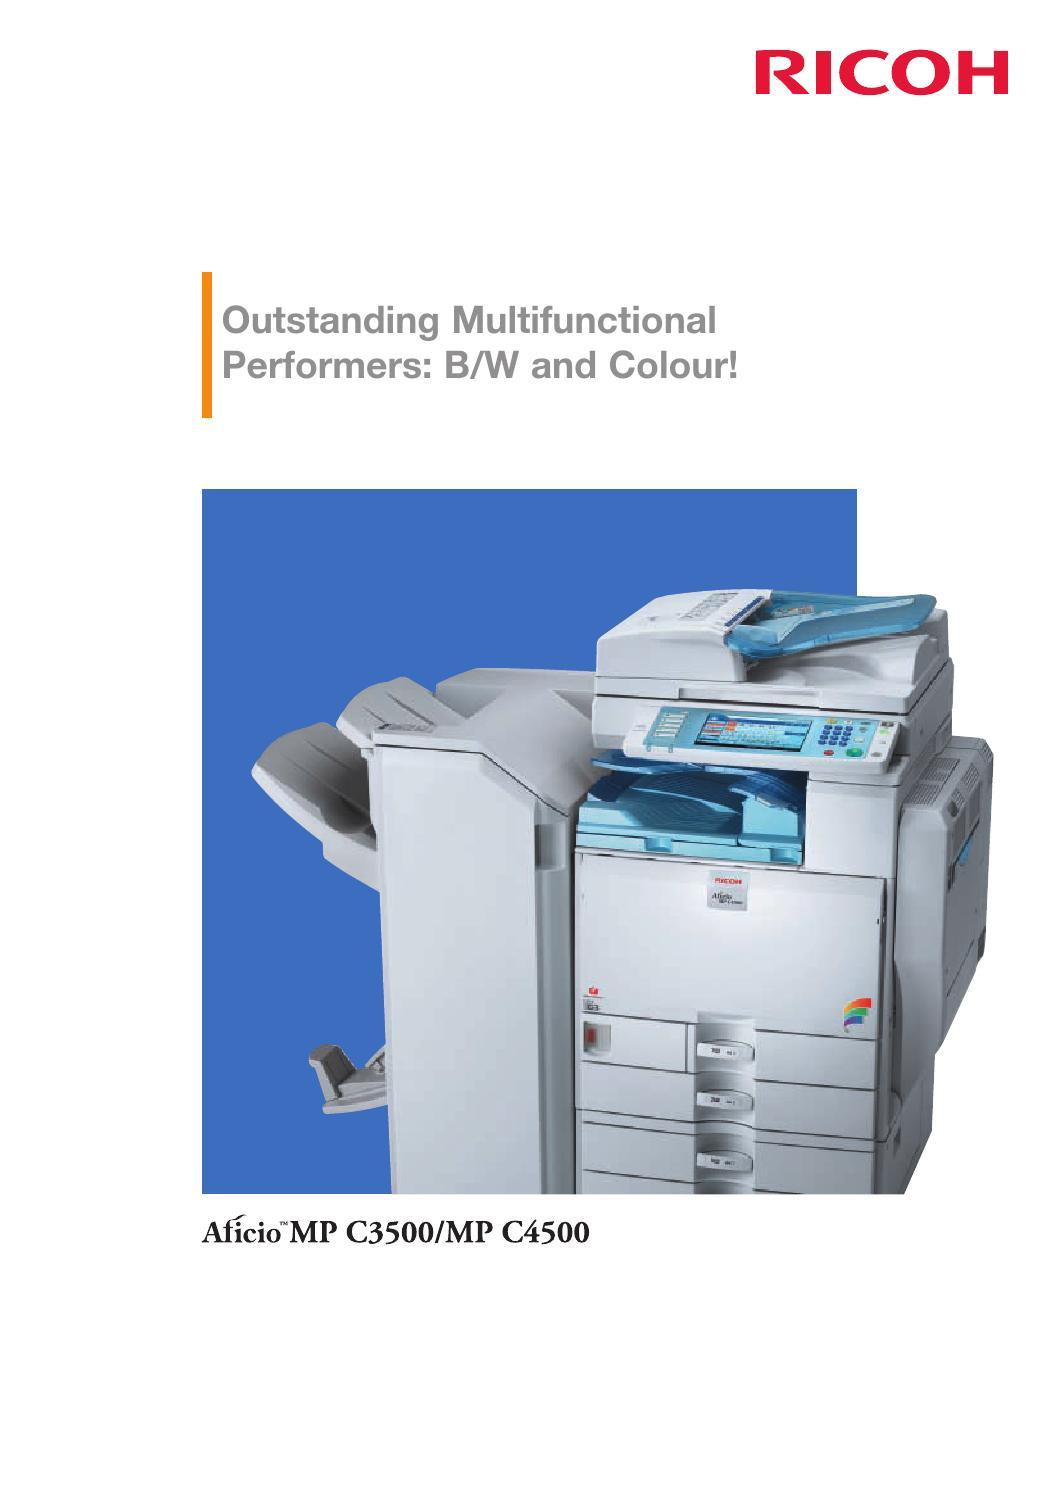 Ricoh Aficio MP C3500 Multifunction PCL6 XP